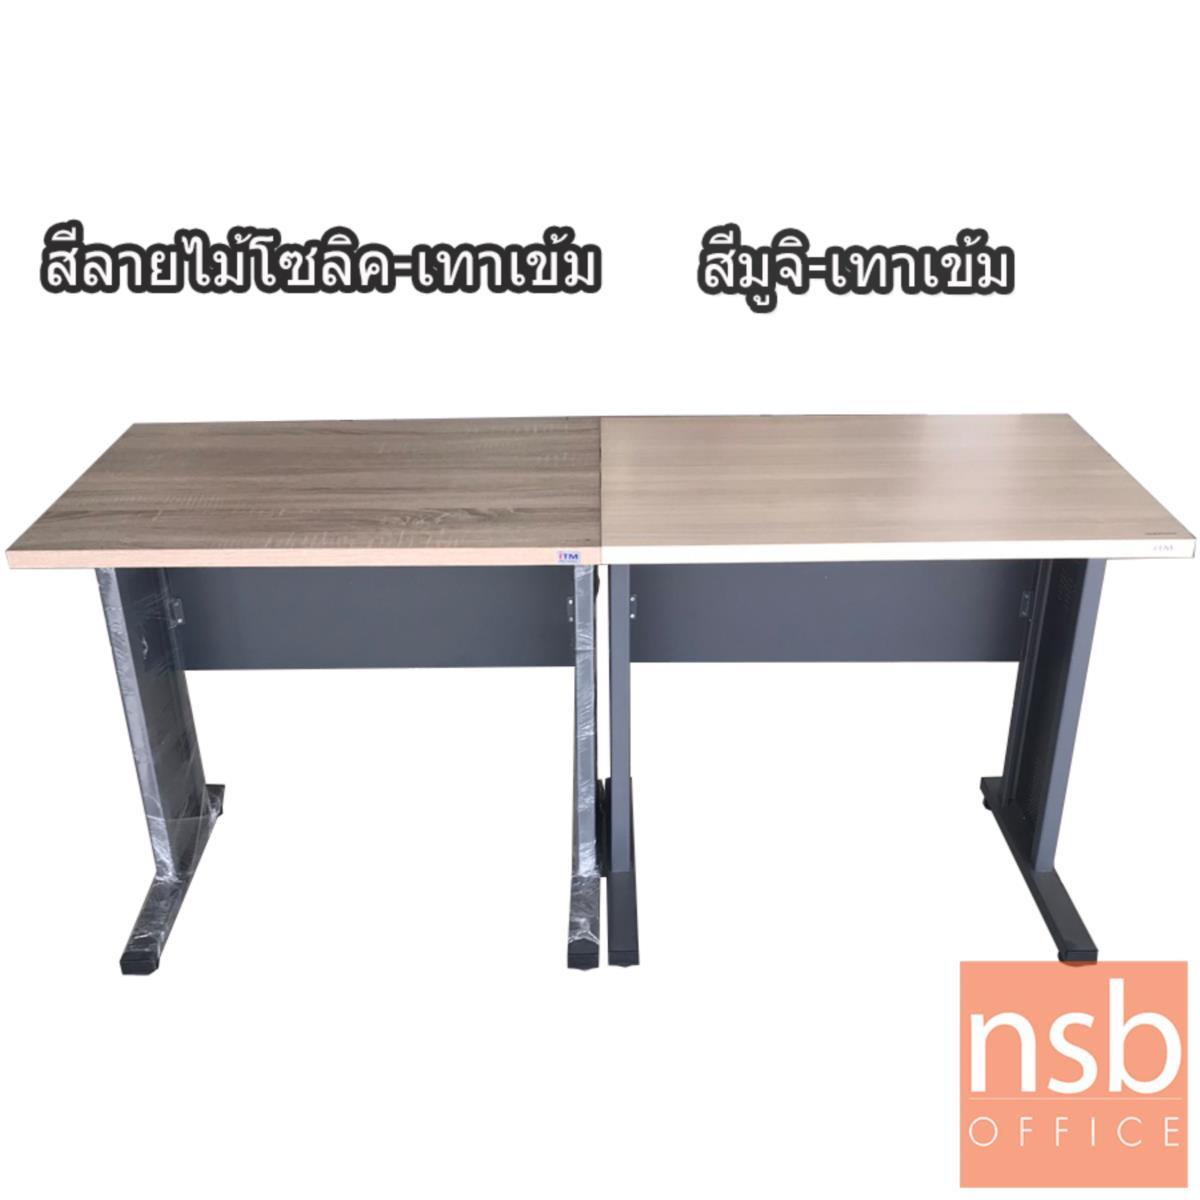 โต๊ะทำงาน 4 ลิ้นชัก  รุ่น Armor (อาร์เมอร์) ขนาด 120W cm. ขาเหล็ก  สีโซลิคตัดเทาเข้มหรือสีมูจิตัดเทาเข้ม